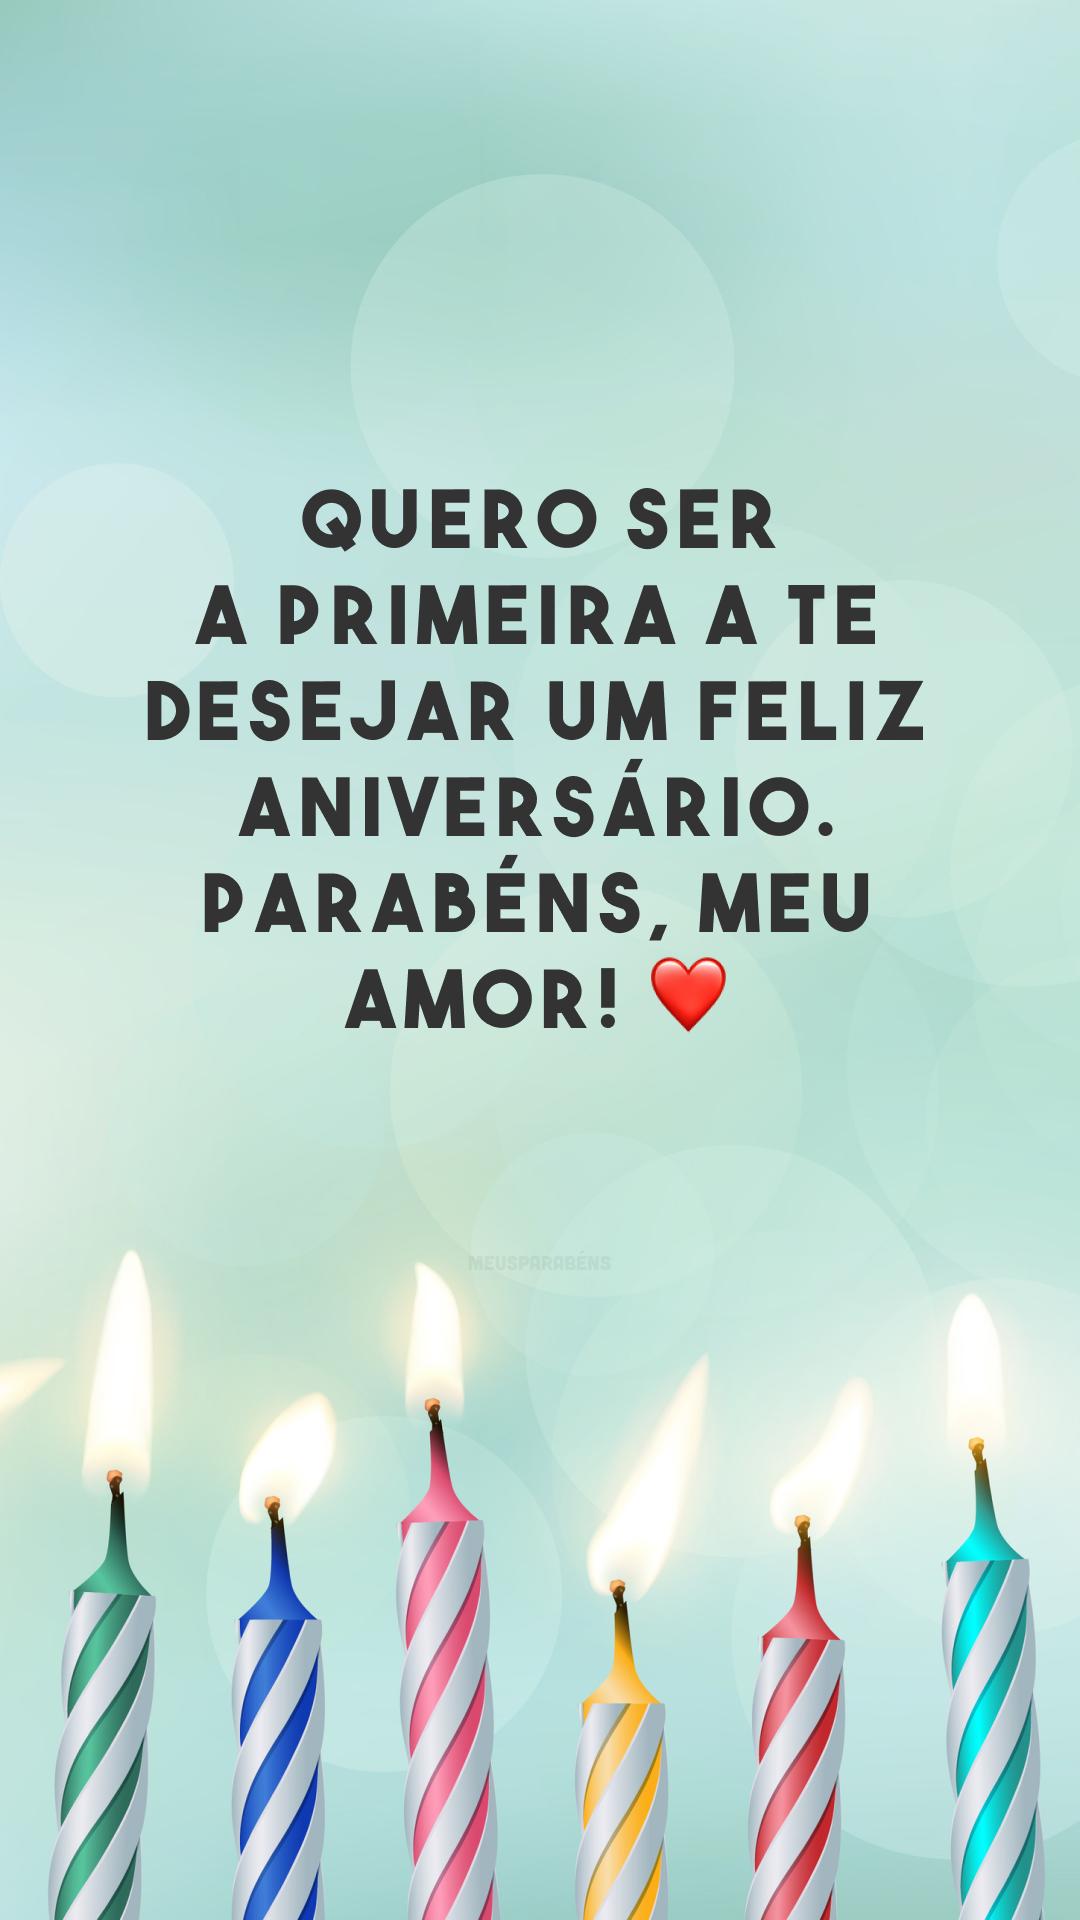 Quero ser a primeira a te desejar um feliz aniversário. Parabéns, meu amor! ❤️